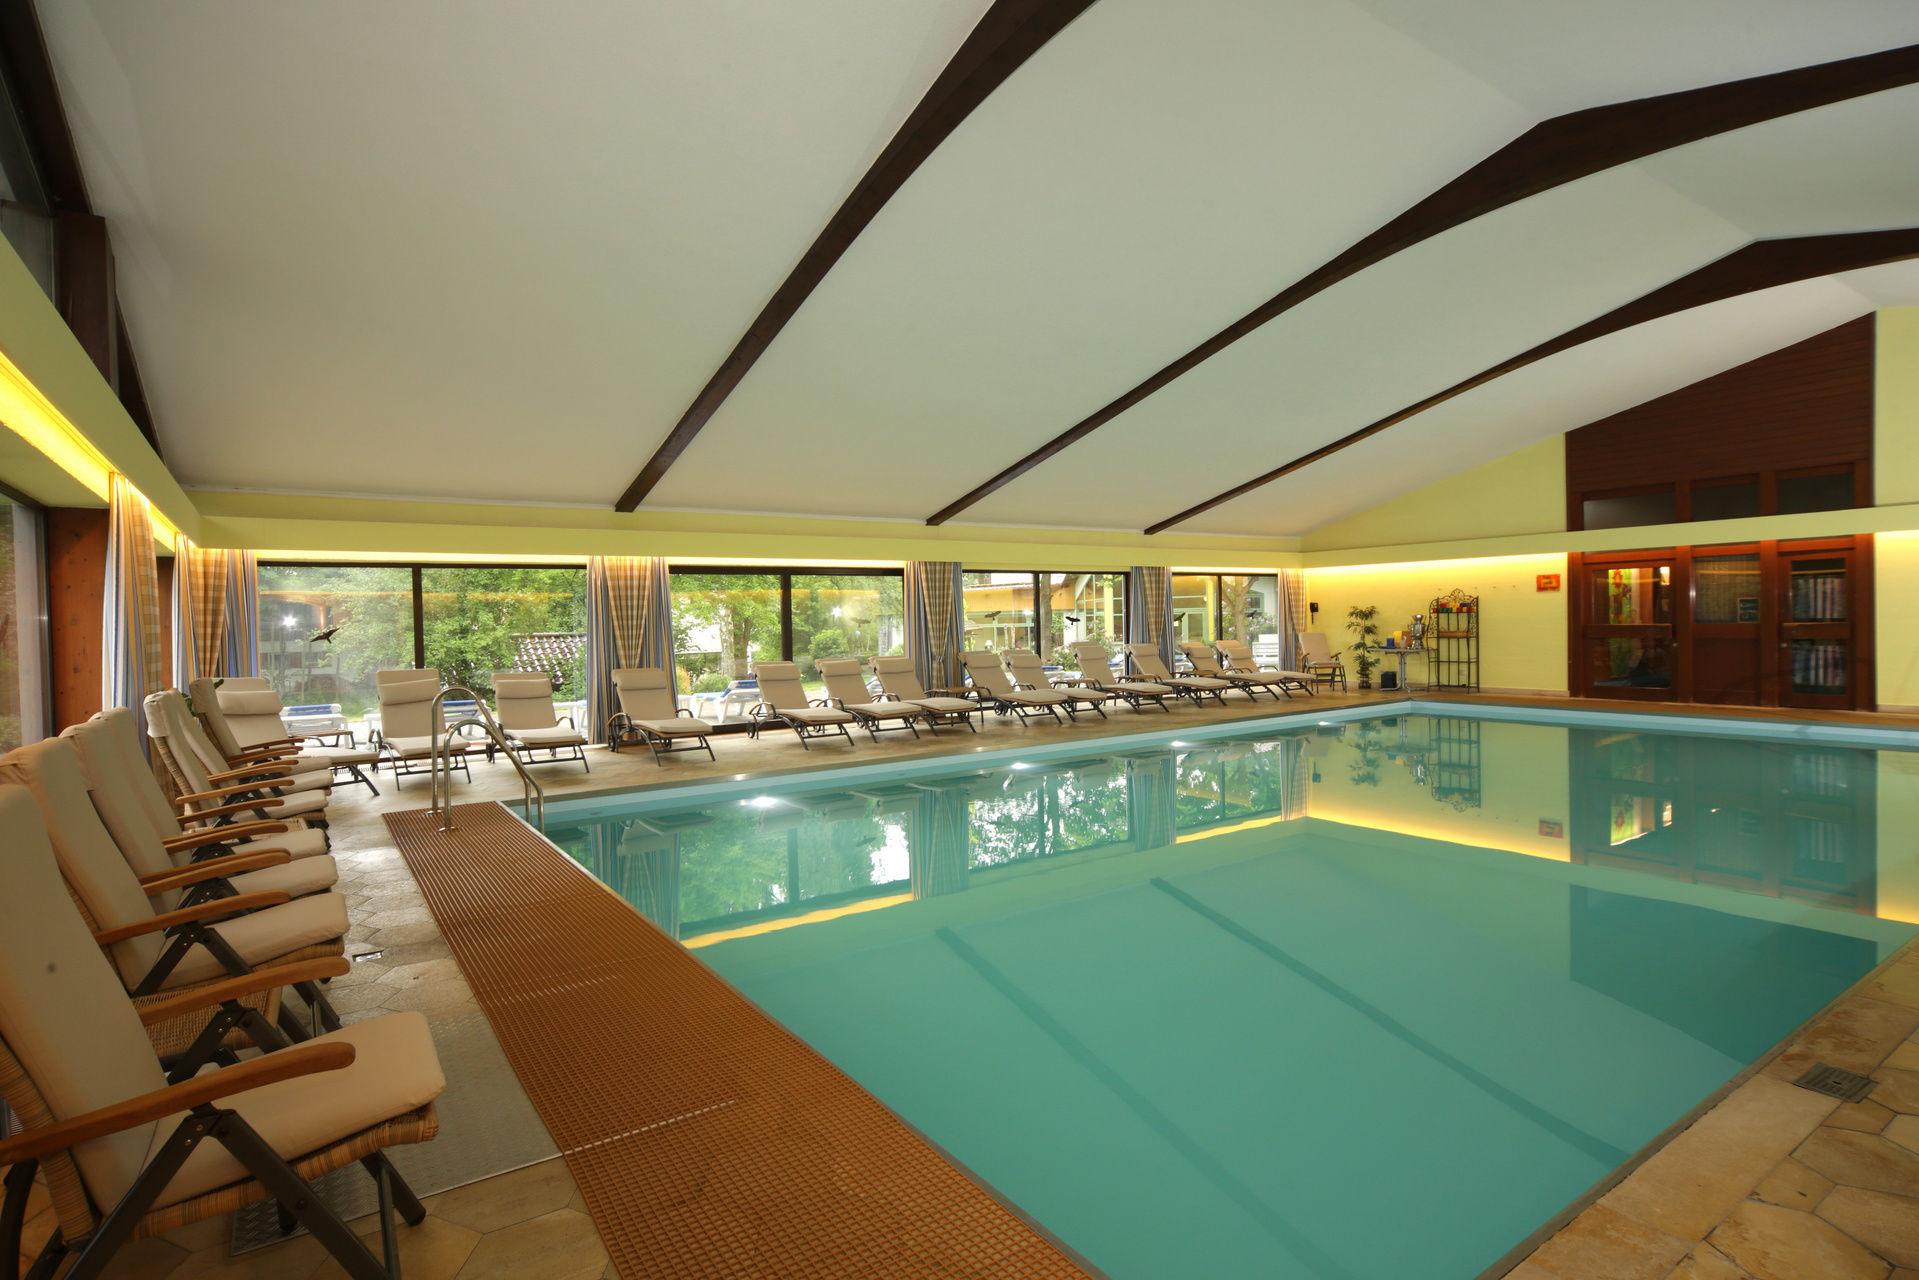 Bayerwald Schwimmbad